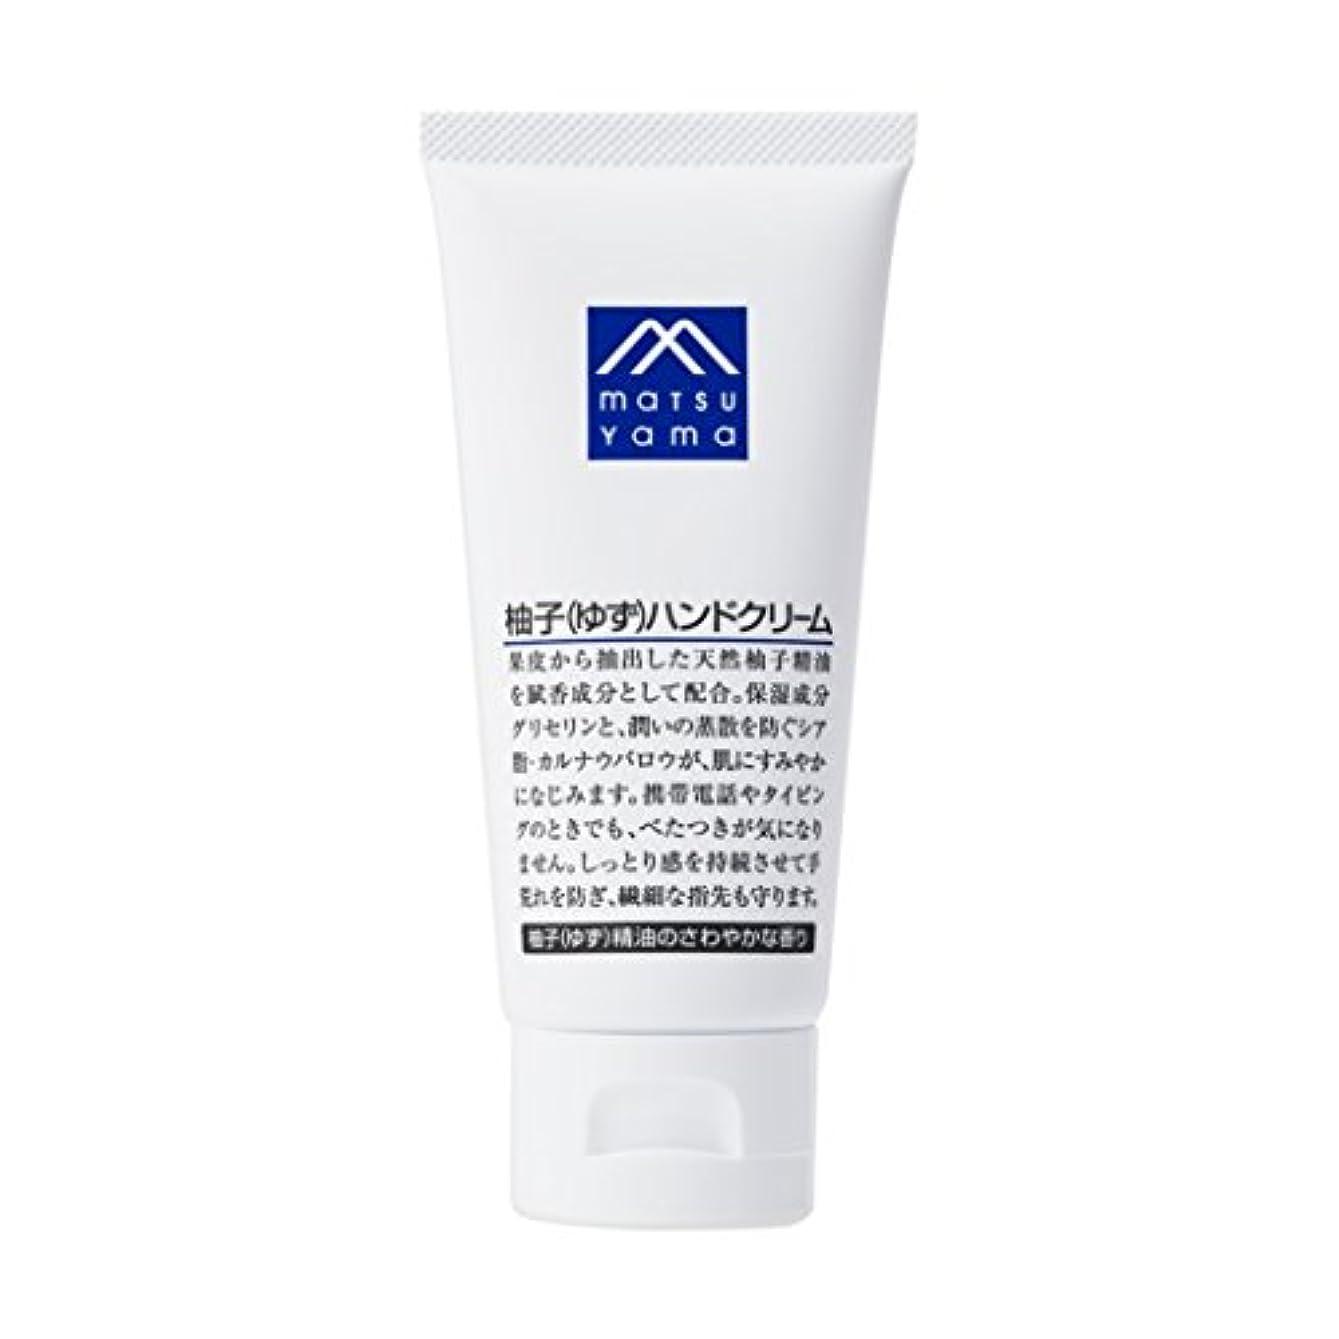 スーパーマーケット同情的レイアウトM-mark 柚子(ゆず)ハンドクリーム